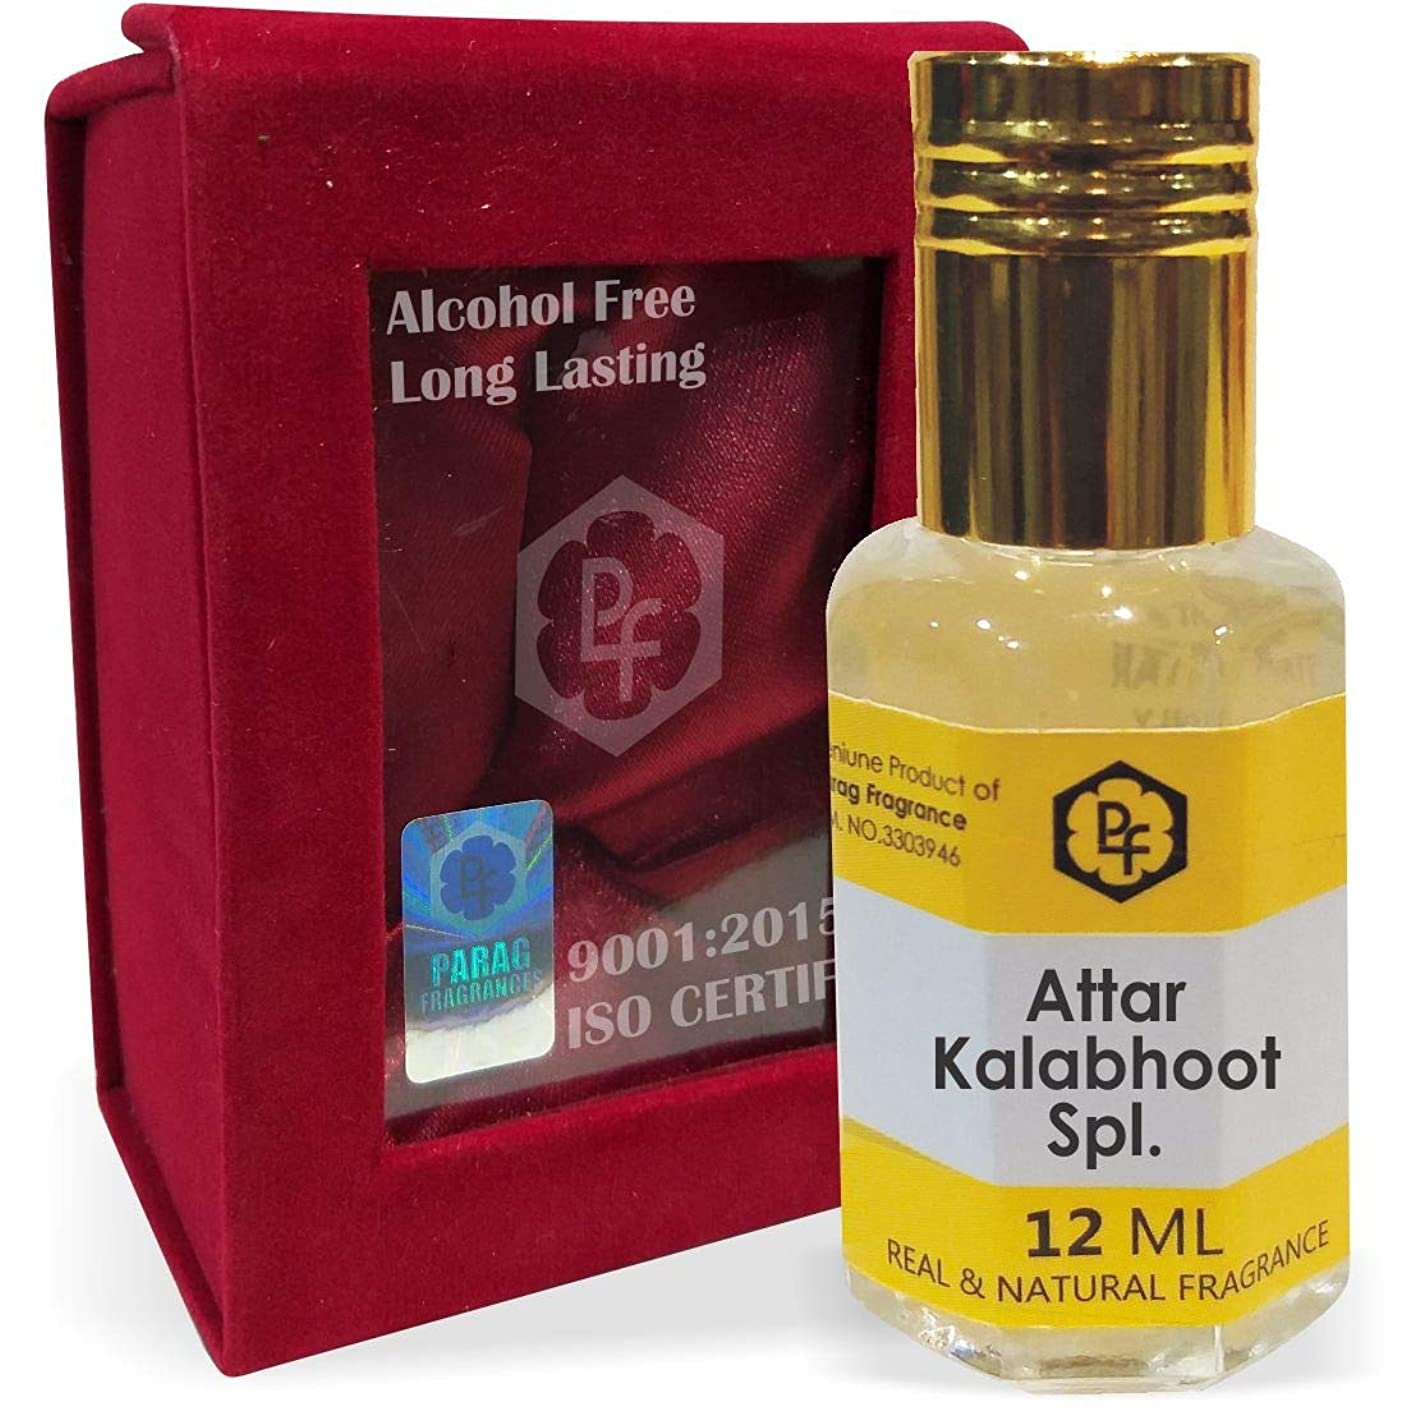 パーク適性かんがいParagフレグランスKalabhoot Splから。手作りのベルベットボックス12ミリリットルアター/香油/(インドの伝統的なBhapka処理方法により、インド製)フレグランスオイル|アターITRA最高の品質長持ち